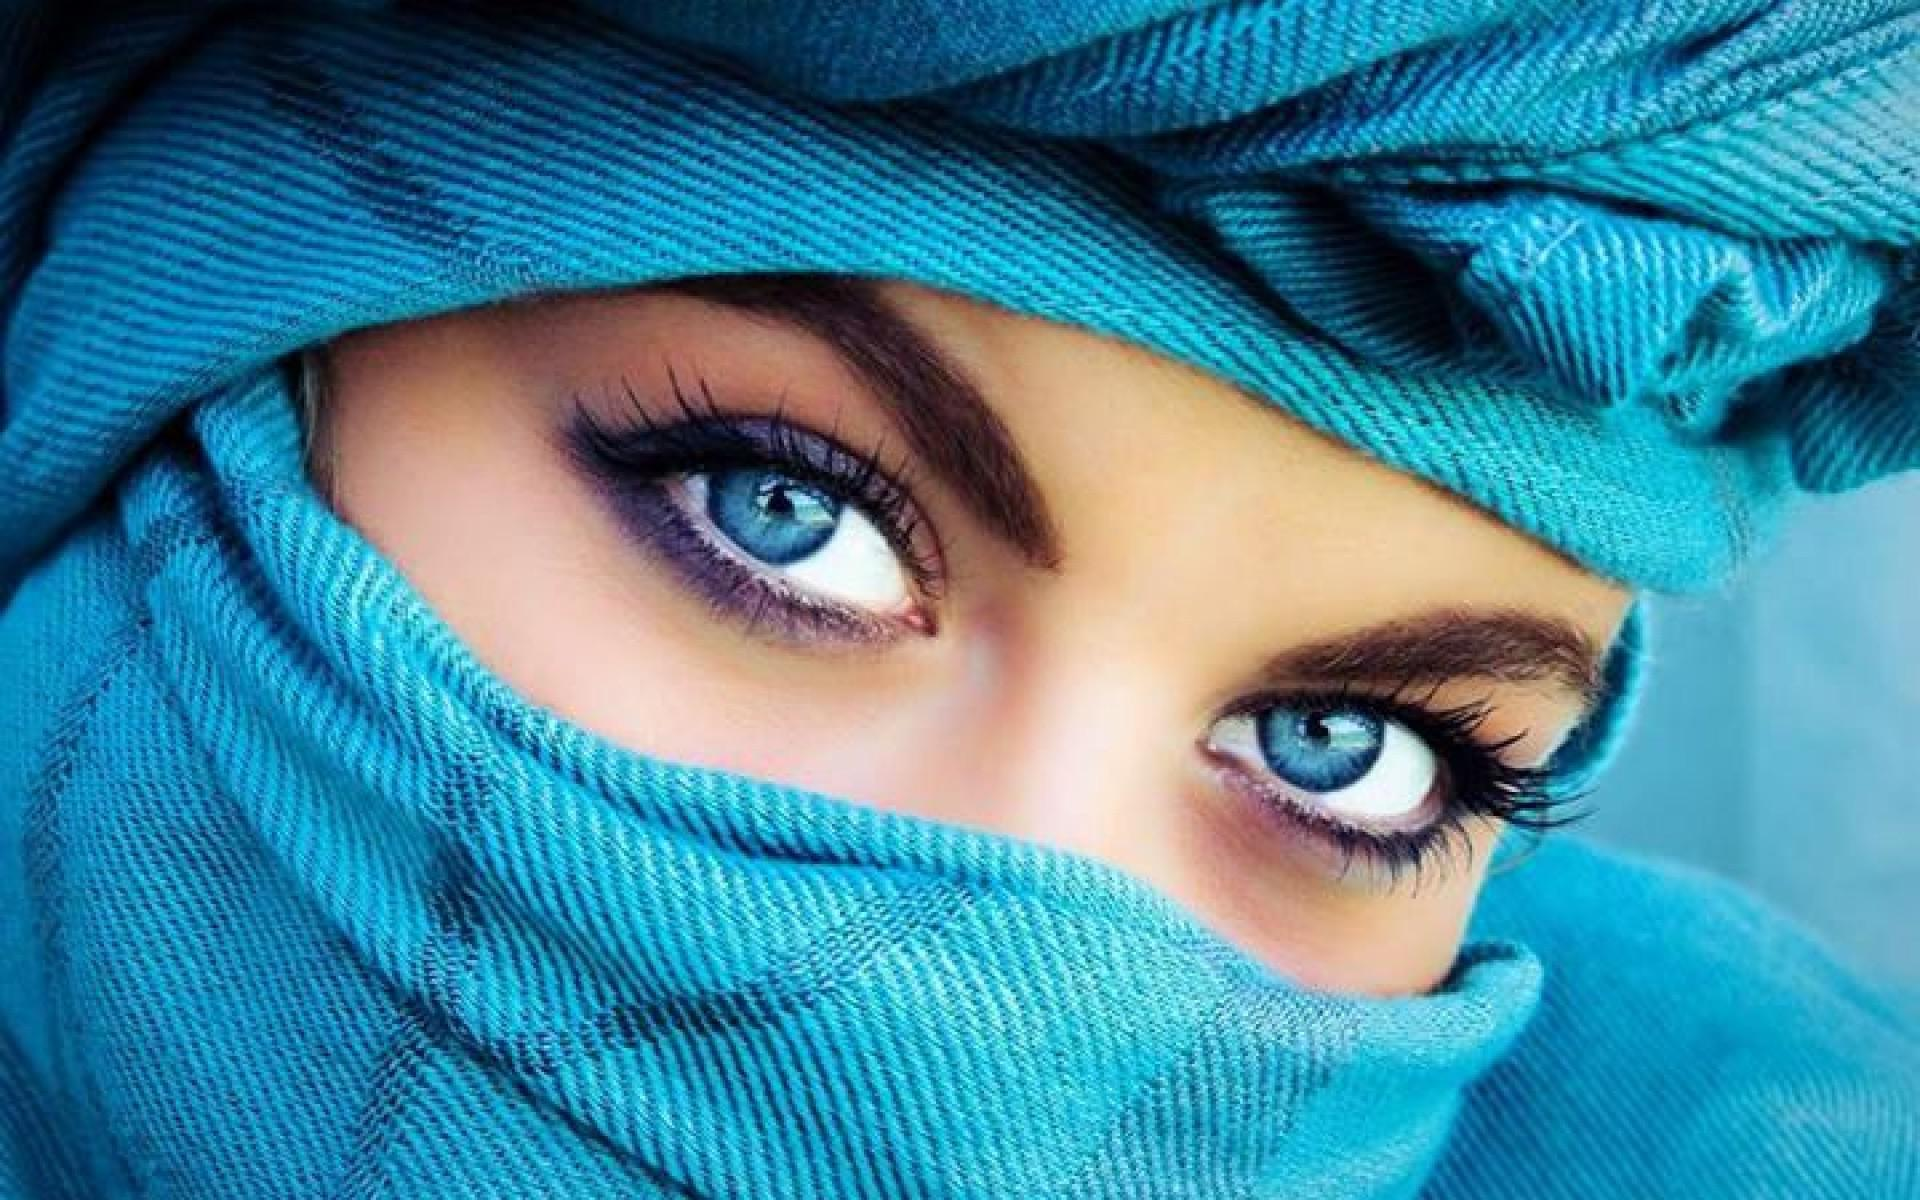 Tecnologia a Laser para Clarear os Olhos